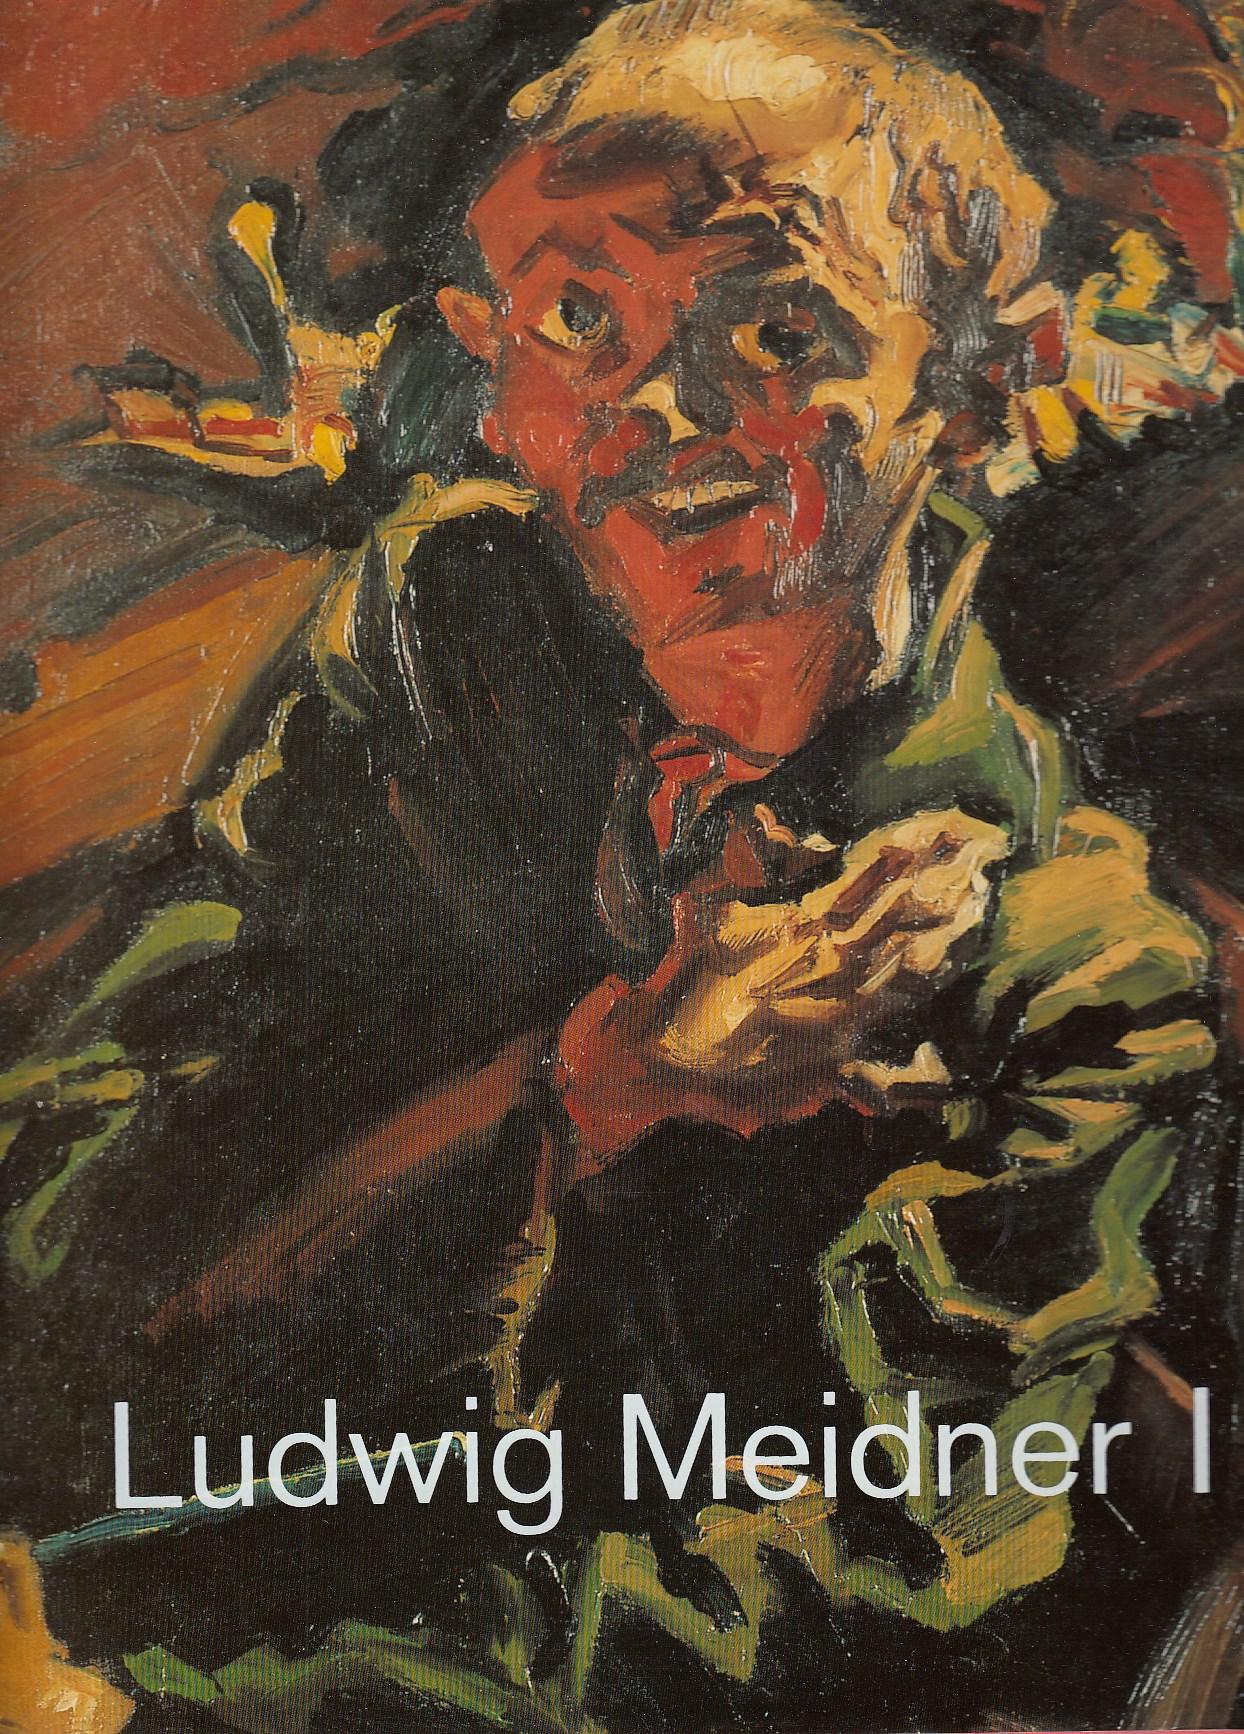 Ludwig Meidner. Zeichner, Maler, Literat. 1884-1966. 2 Bände. Viele Abbildungen. Herausgegeben von Gerda Breuer und Ines Wagemann.